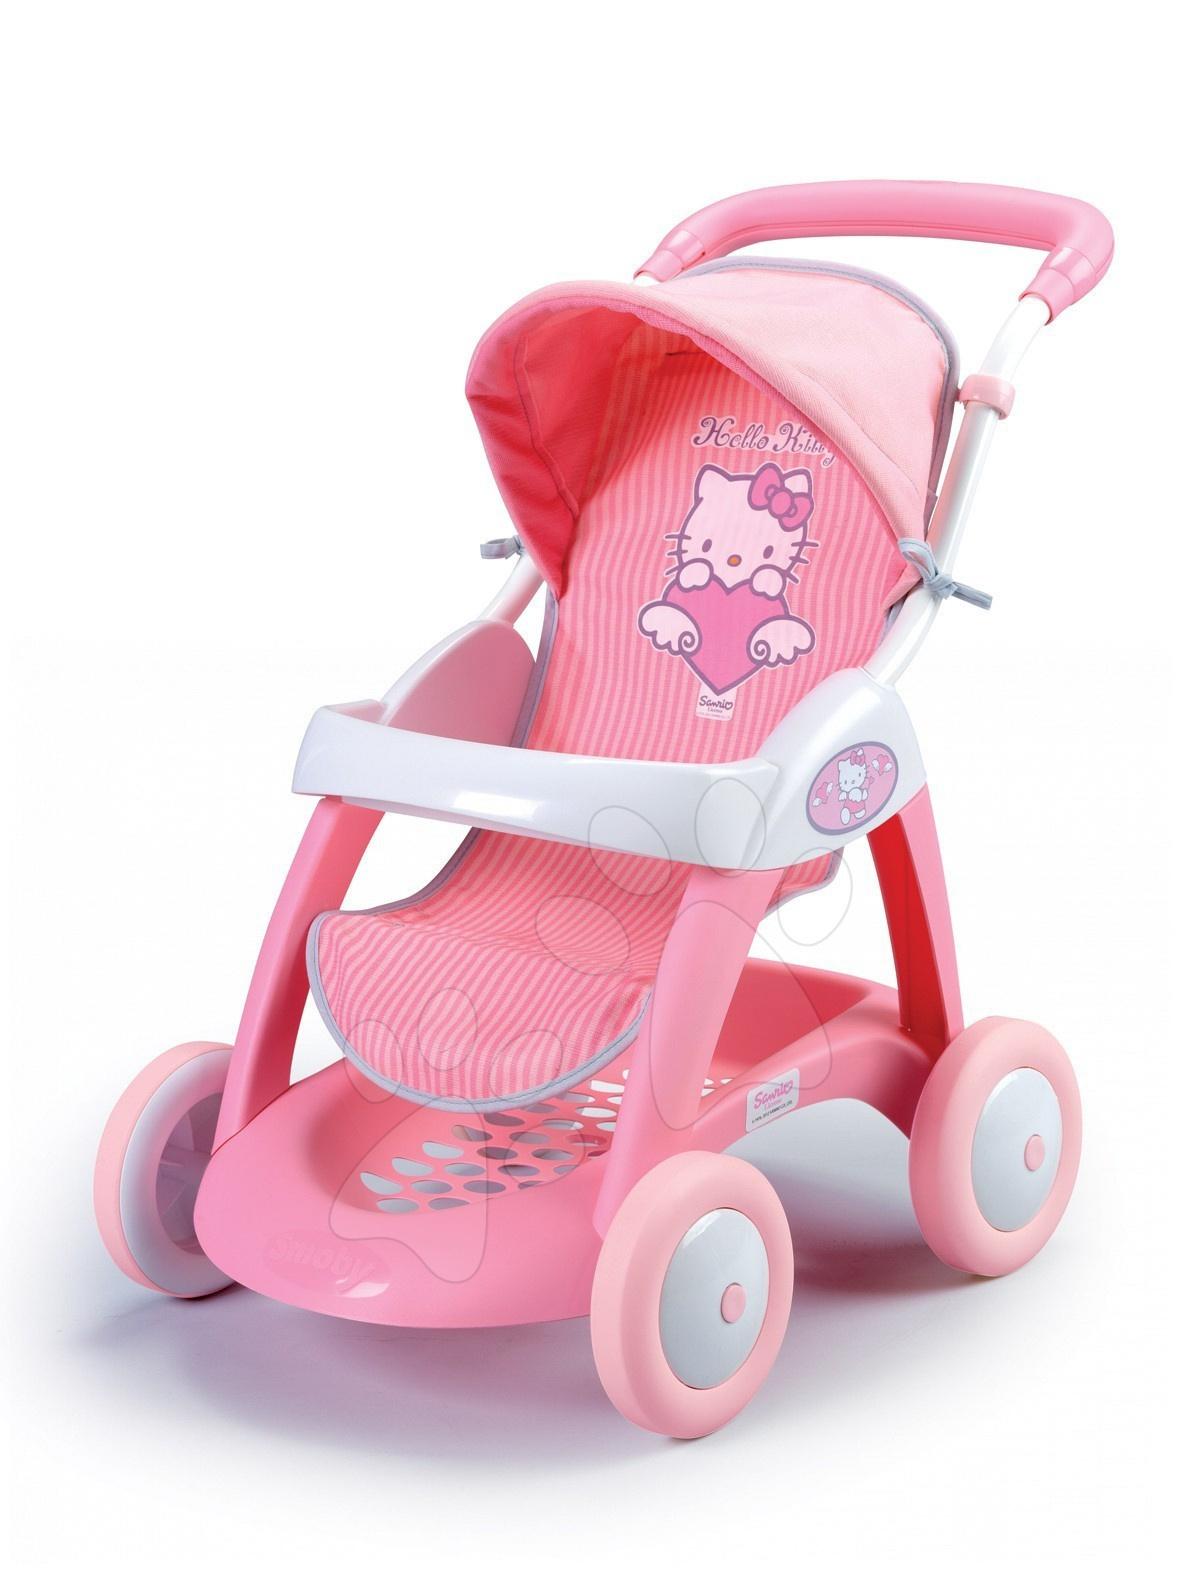 Kočárky pro panenky - Kočárek pro panenku Hello Kitty Chula Pop Car Smoby hluboký (55 cm rukojeť) od 18 měsíců